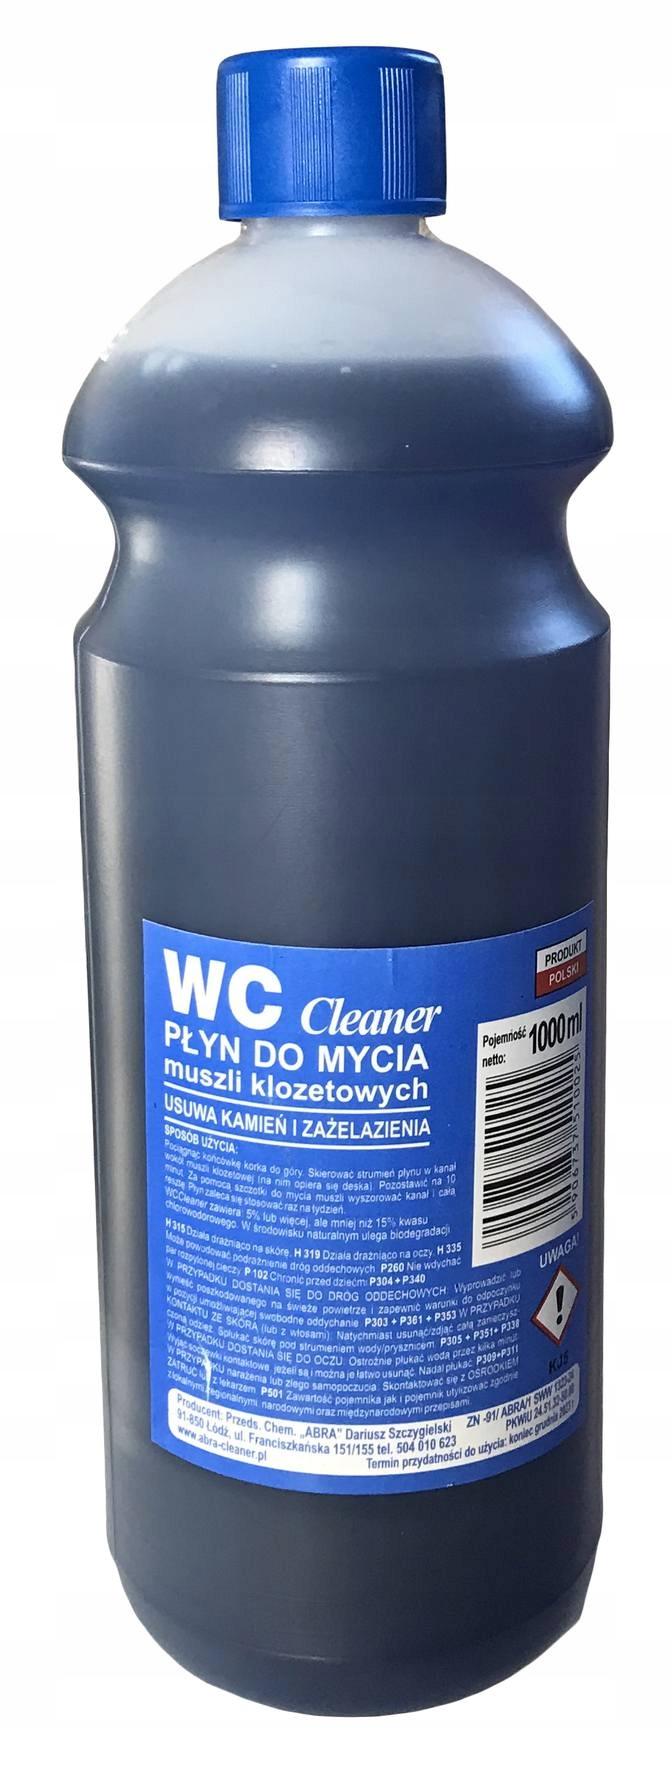 WC CLEANER жидкость для мытья унитазов